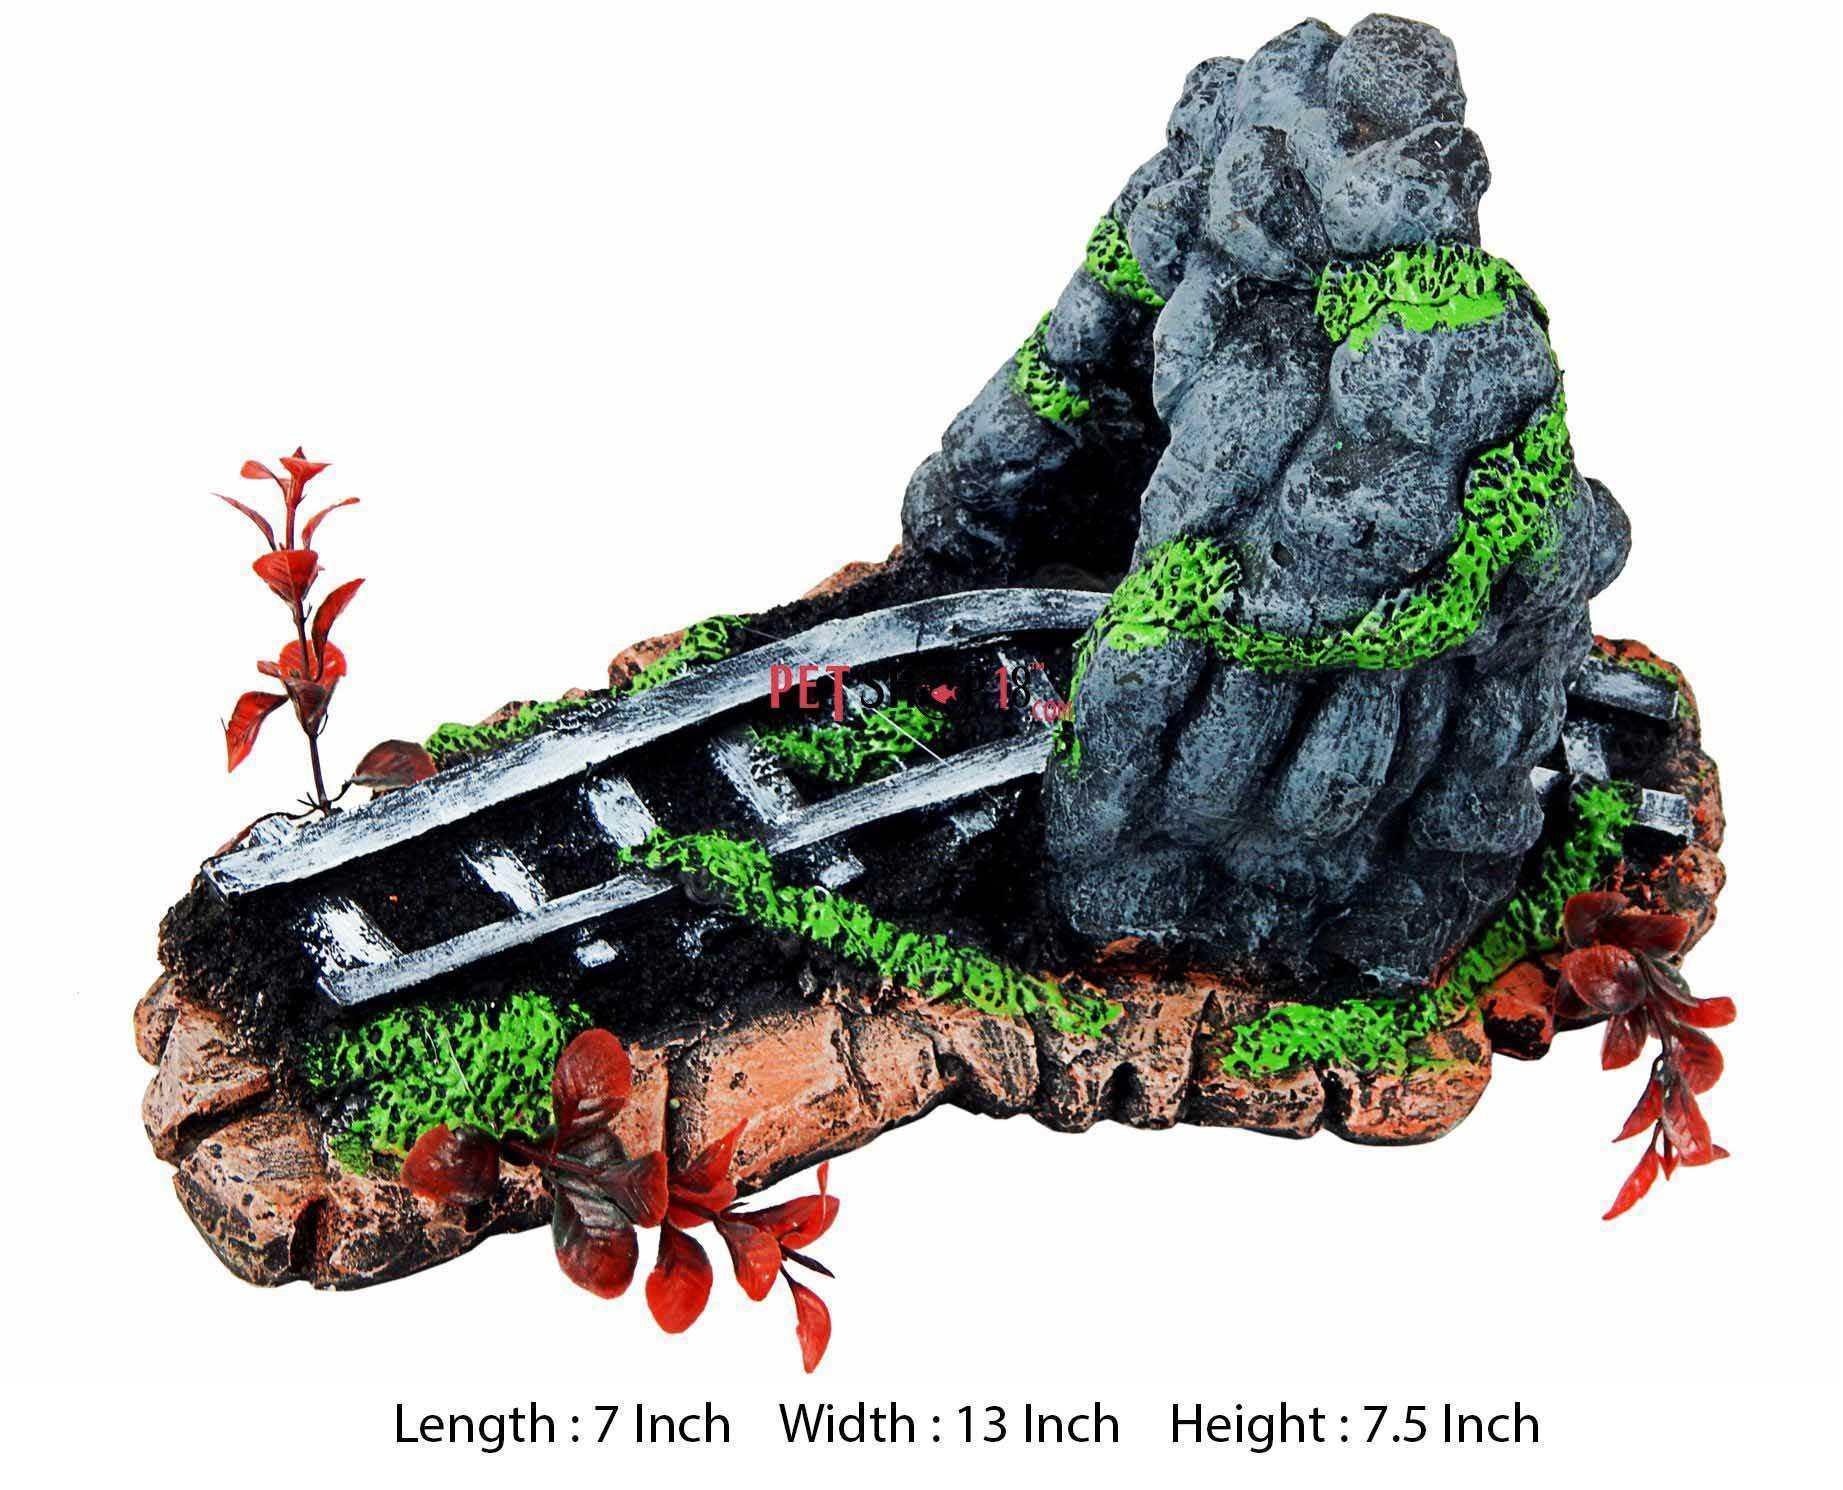 Fish tank aquarium castle hill - Railway Track Under Hill Aquarium Toy